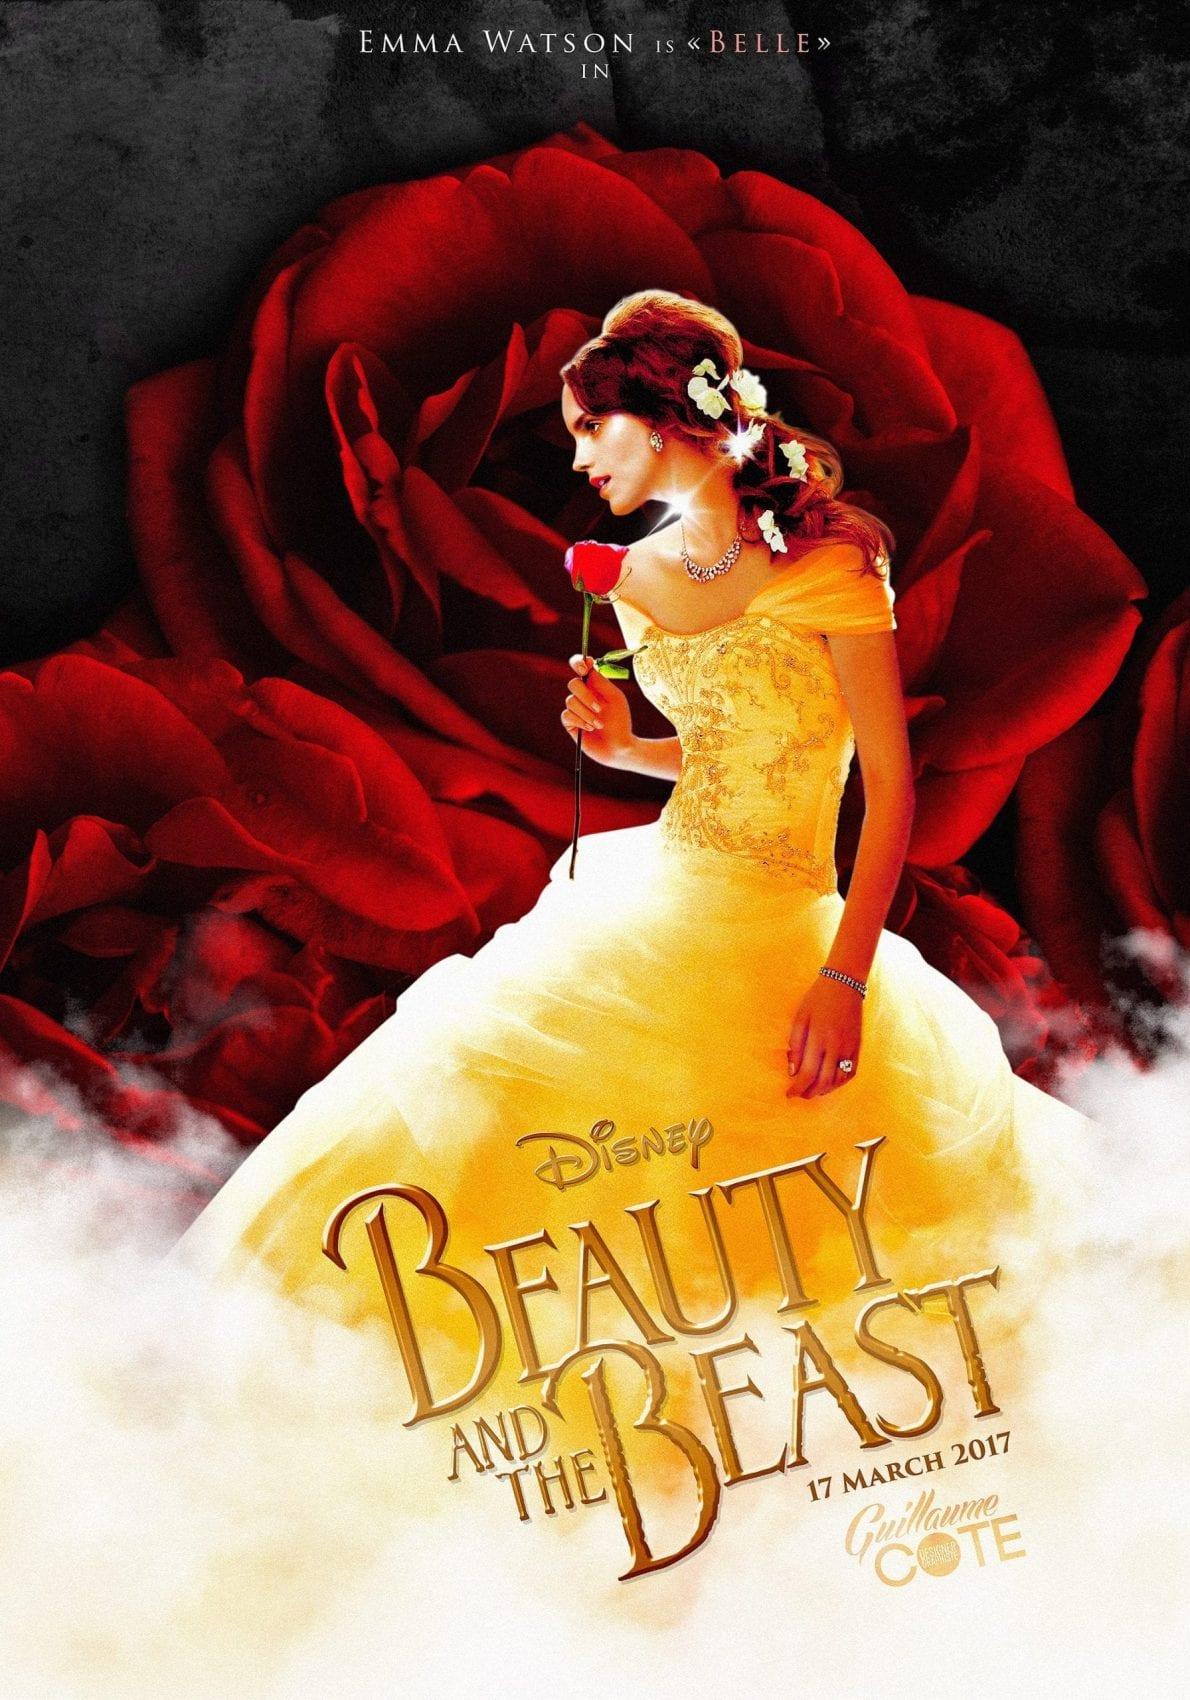 La-Belle-et-la-Bete-Beauty-and-The-Beast-march-2017-Poster-With-Emma-Watson.jpg